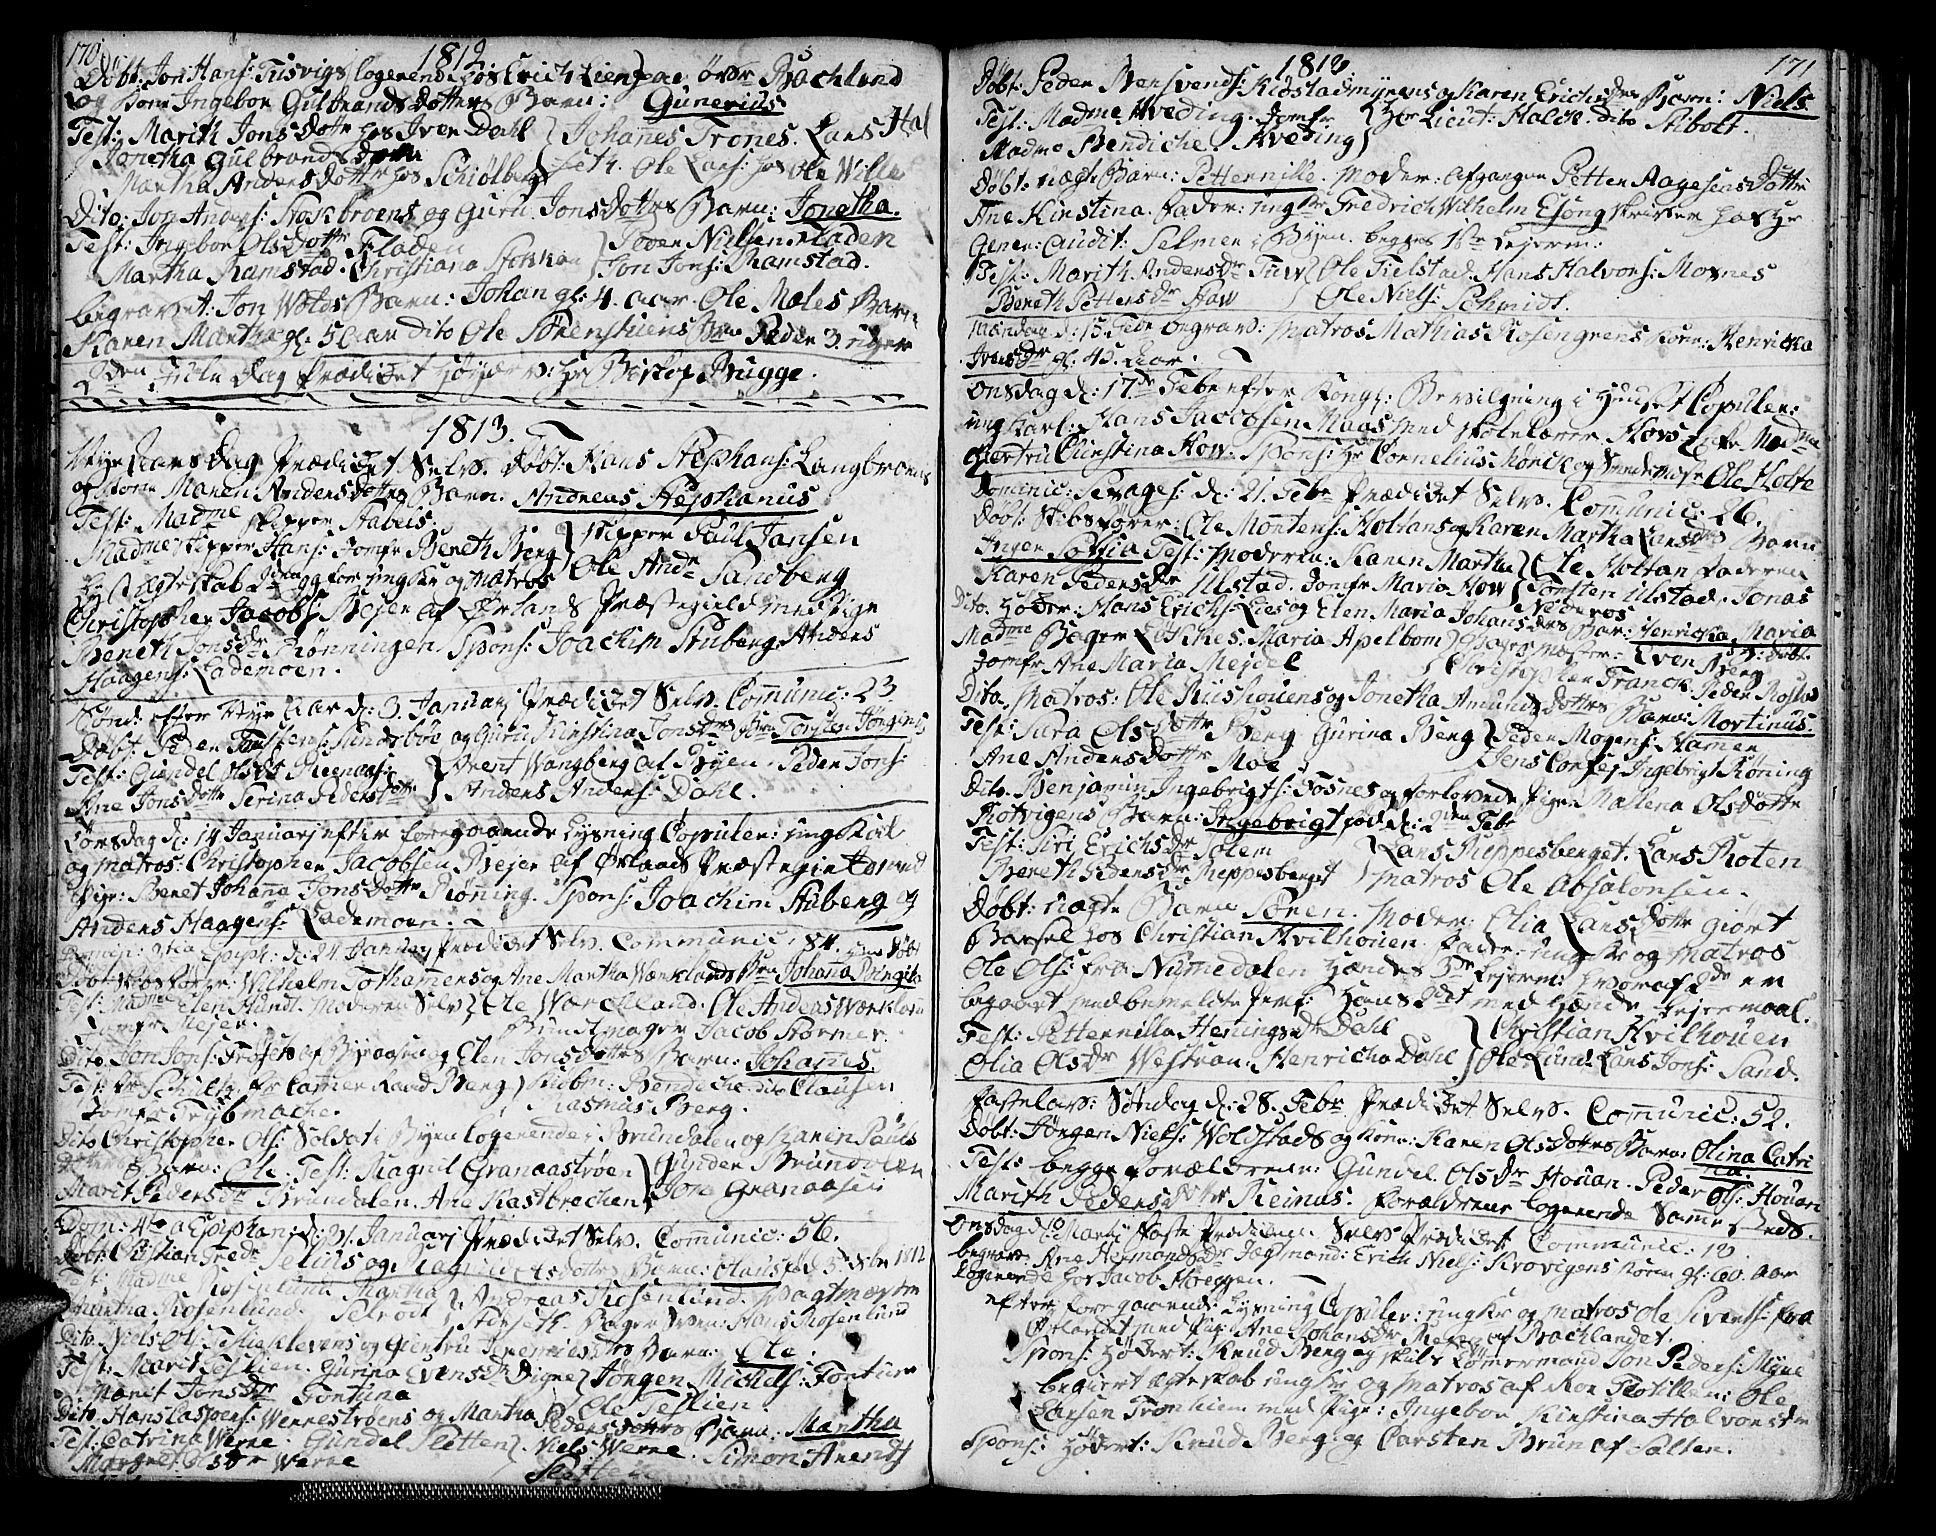 SAT, Ministerialprotokoller, klokkerbøker og fødselsregistre - Sør-Trøndelag, 604/L0181: Ministerialbok nr. 604A02, 1798-1817, s. 170-171